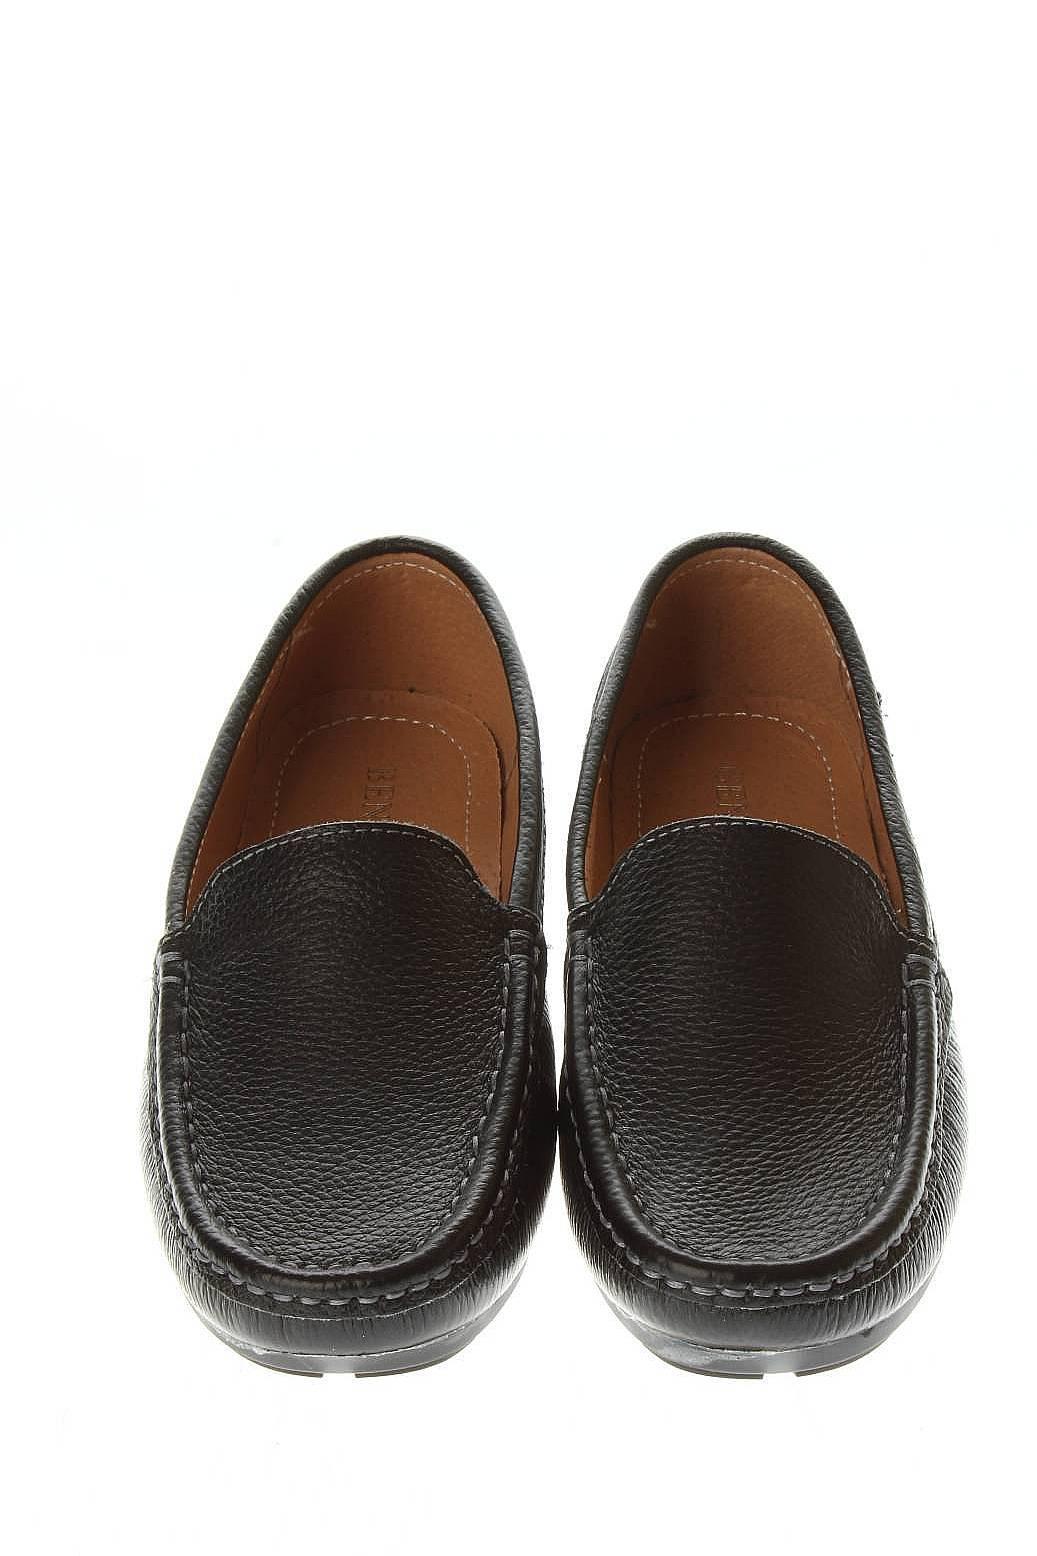 Мужская Обувь Детская Обувь Женская Обувь Мокасины: Benetti Обувь